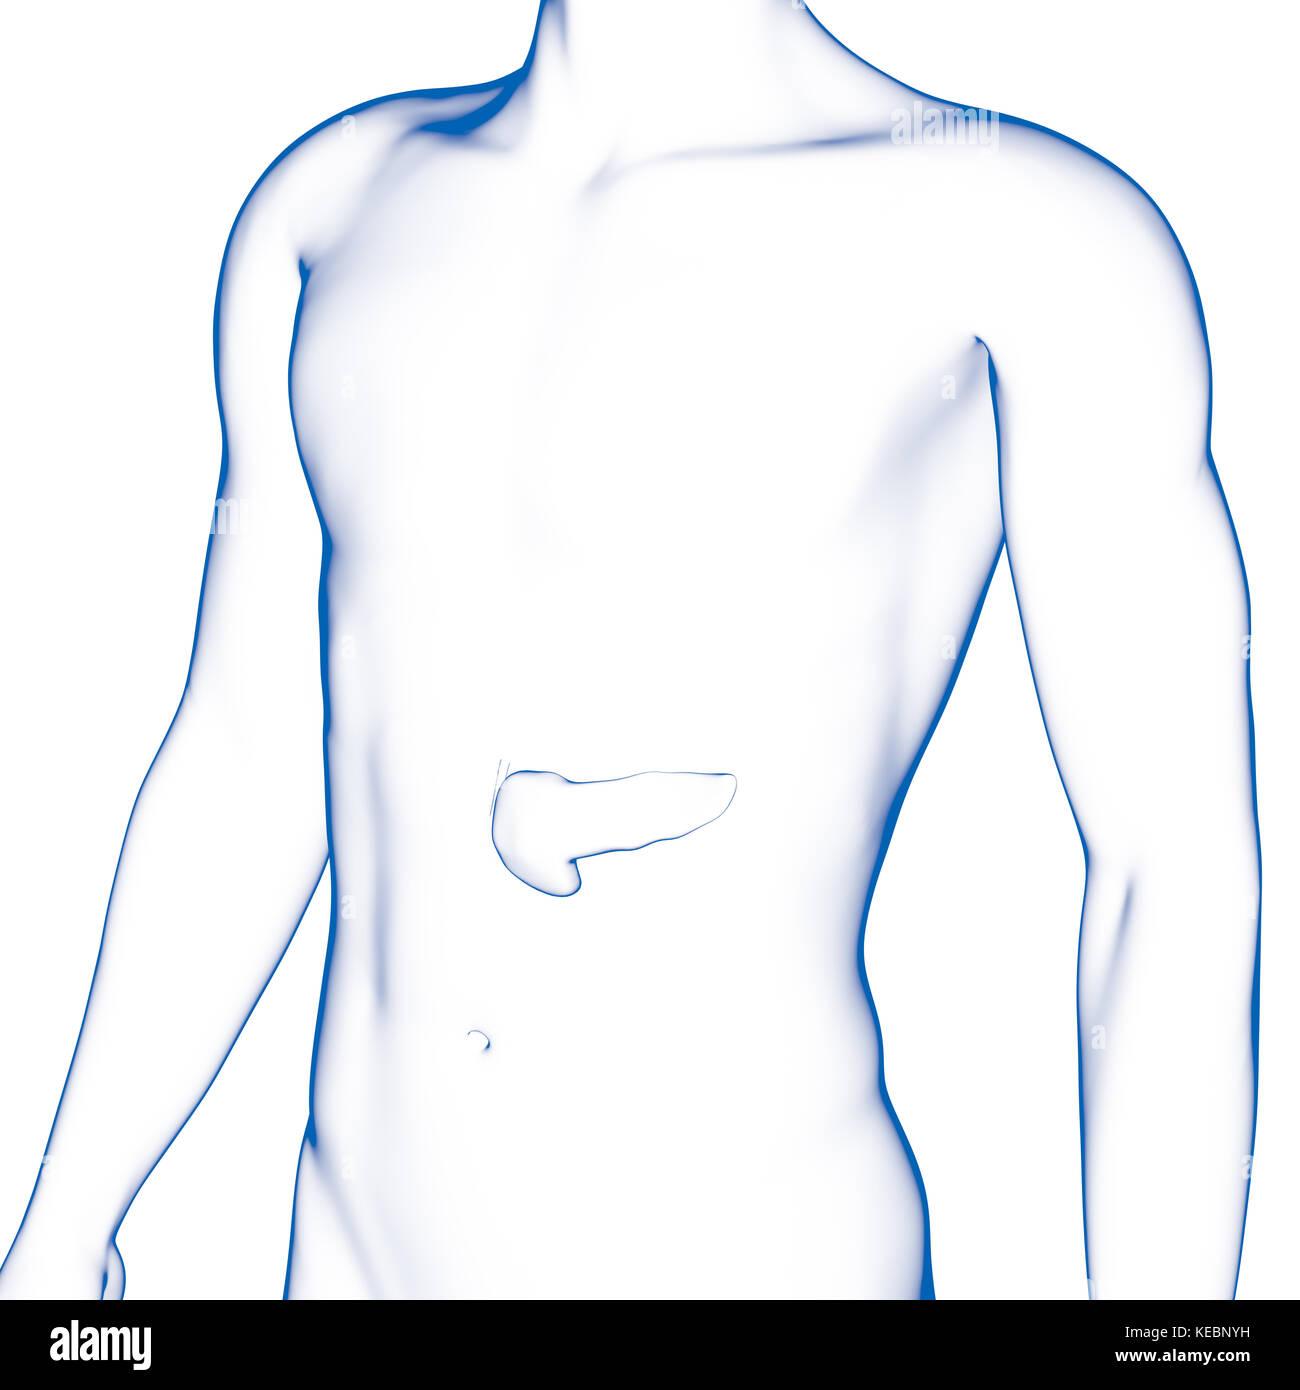 Human Pancreas Imágenes De Stock & Human Pancreas Fotos De Stock - Alamy